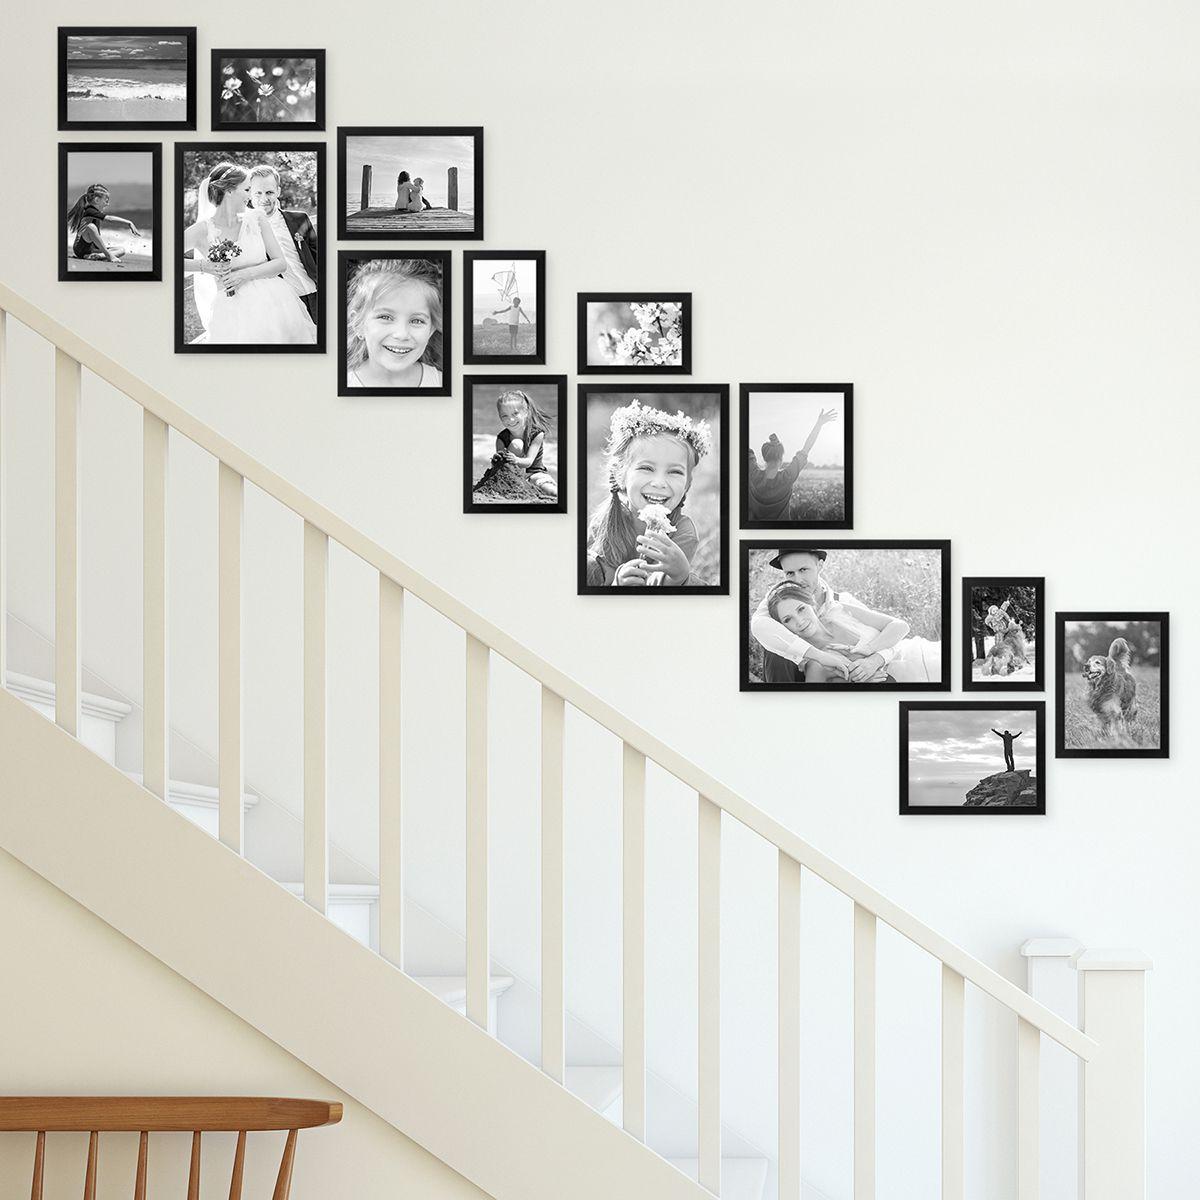 Wandgestaltung Treppenaufgang Gestalten: 15er Bilderrahmen-Set Für Treppenhaus / Treppenaufgang